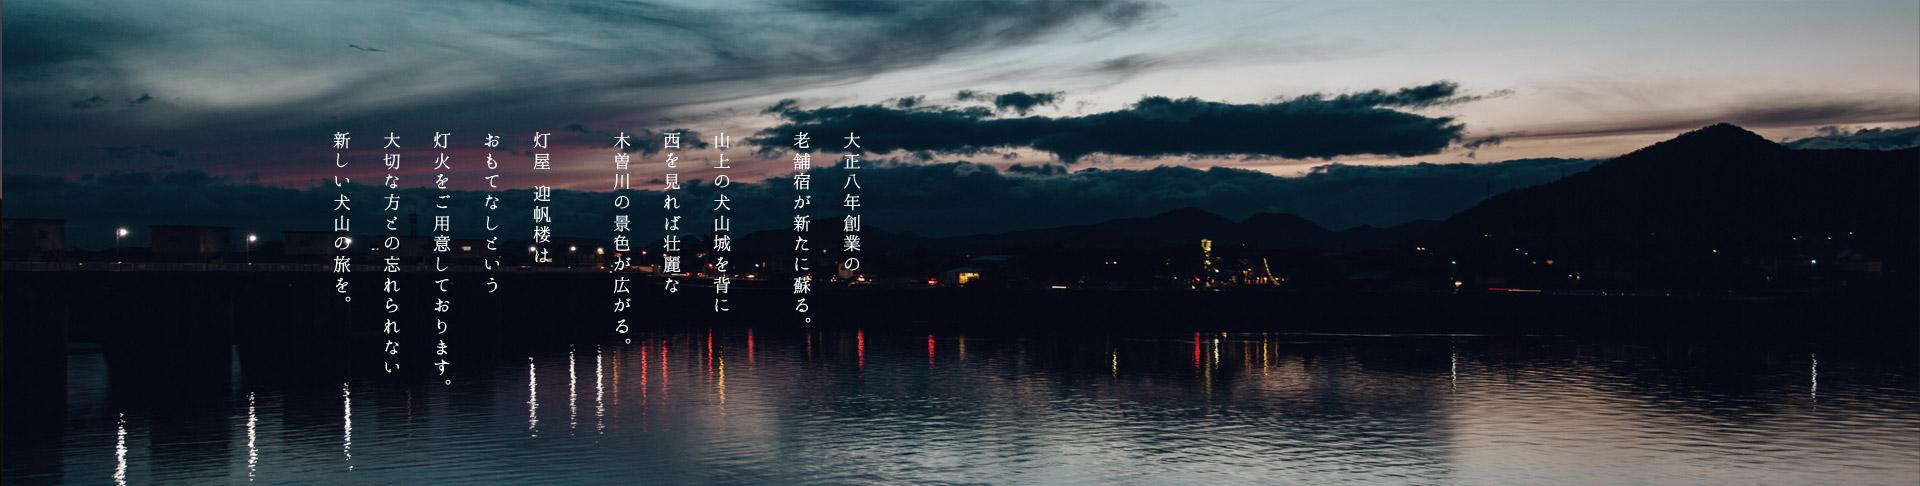 大正八年創業の老舗宿が新たに蘇る。山上の犬山城を背に西を見れば壮麗な木曽川の景色が広がる。灯屋 迎帆楼はおもてなしという灯火をご用意しております。大切な方との忘れられない新しい犬山の旅を。